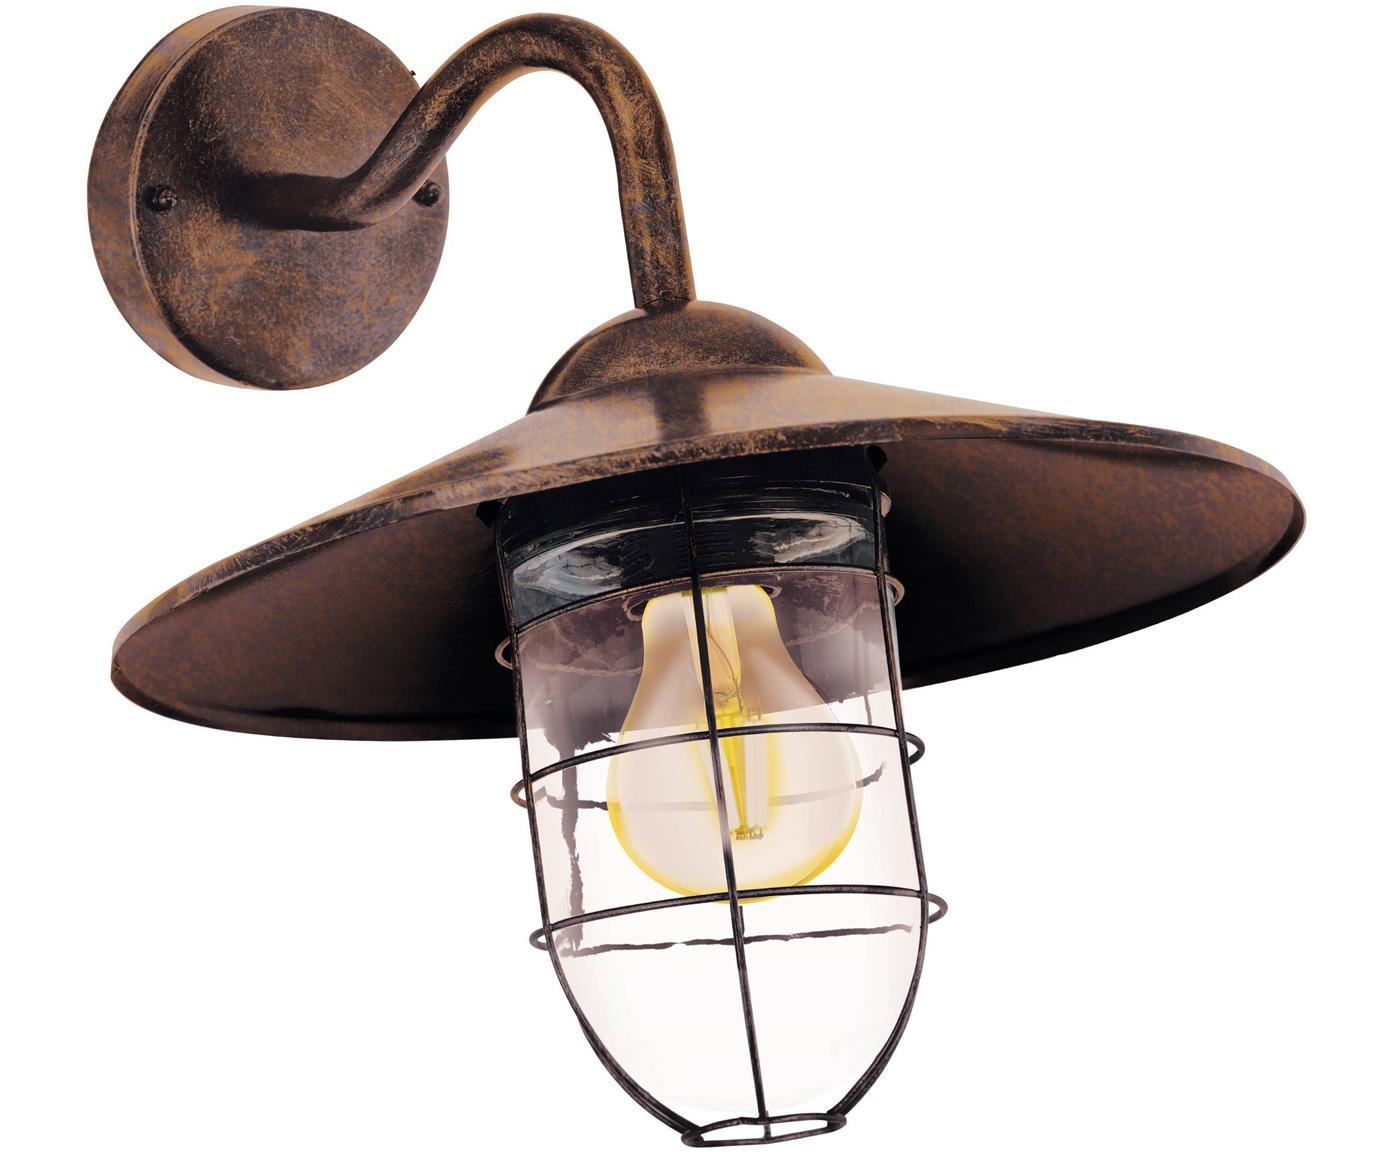 Outdoor wandlamp Melgoa, Verzinkt staal, glas, Koperkleurig, 30 x 25 cm